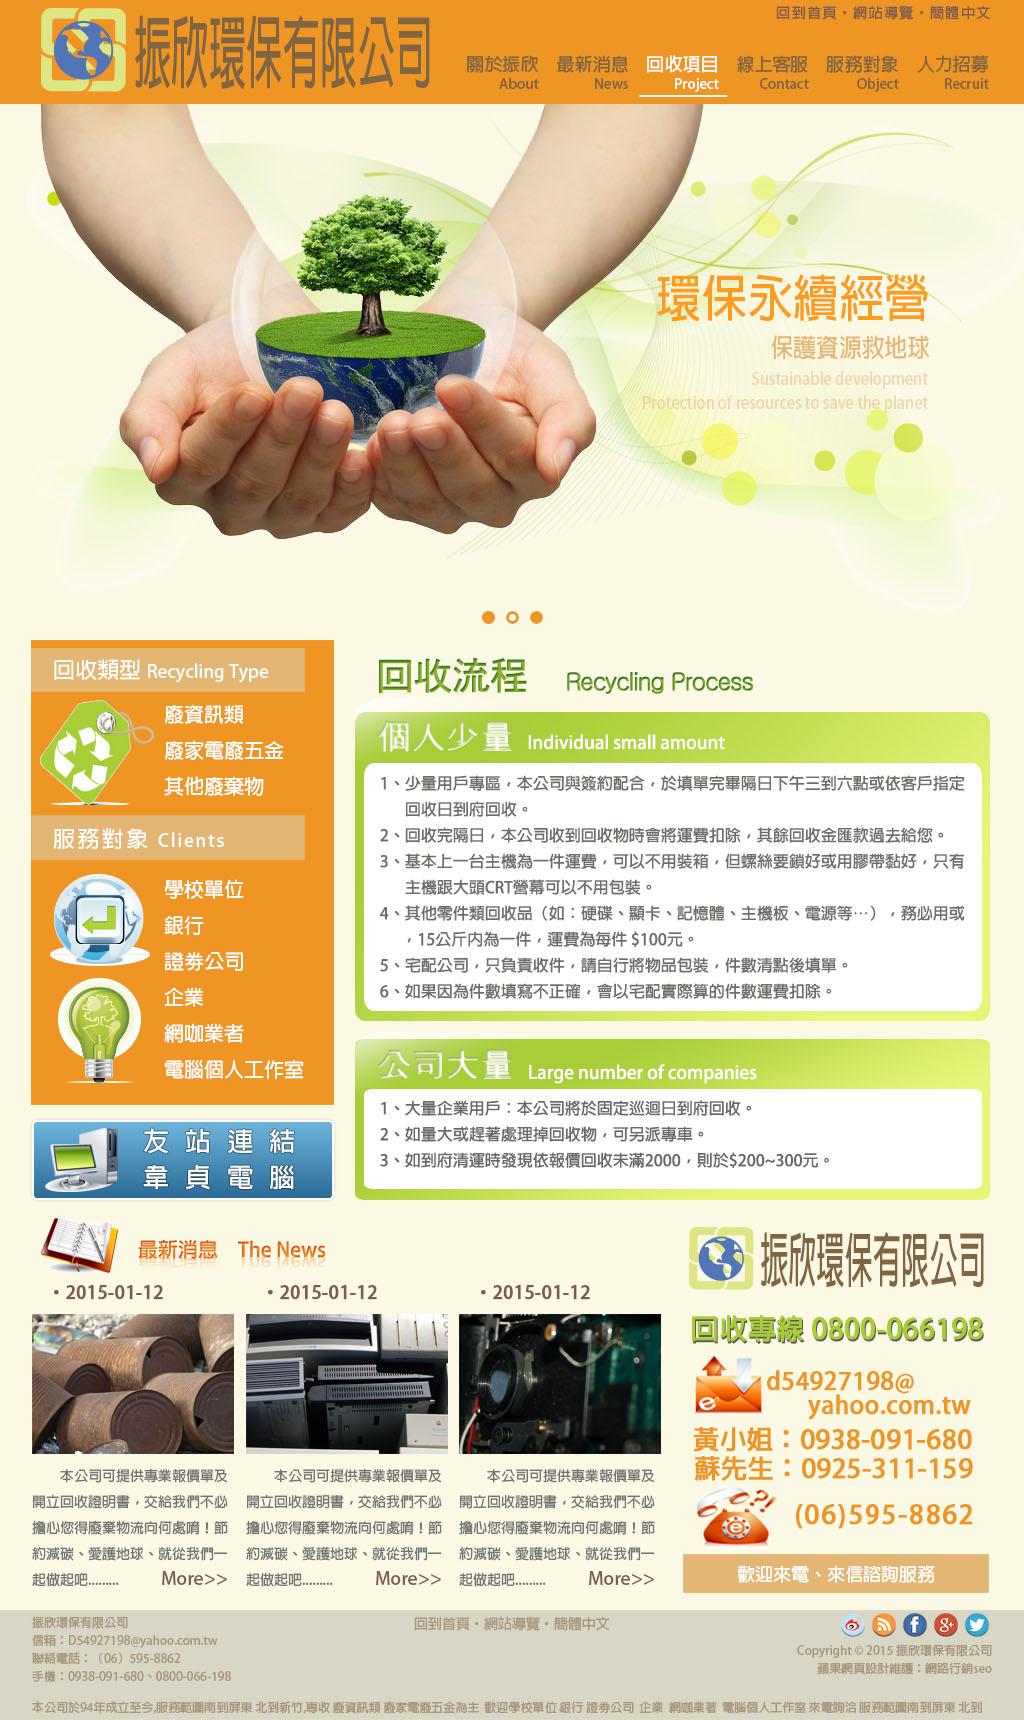 振欣環保網頁設計